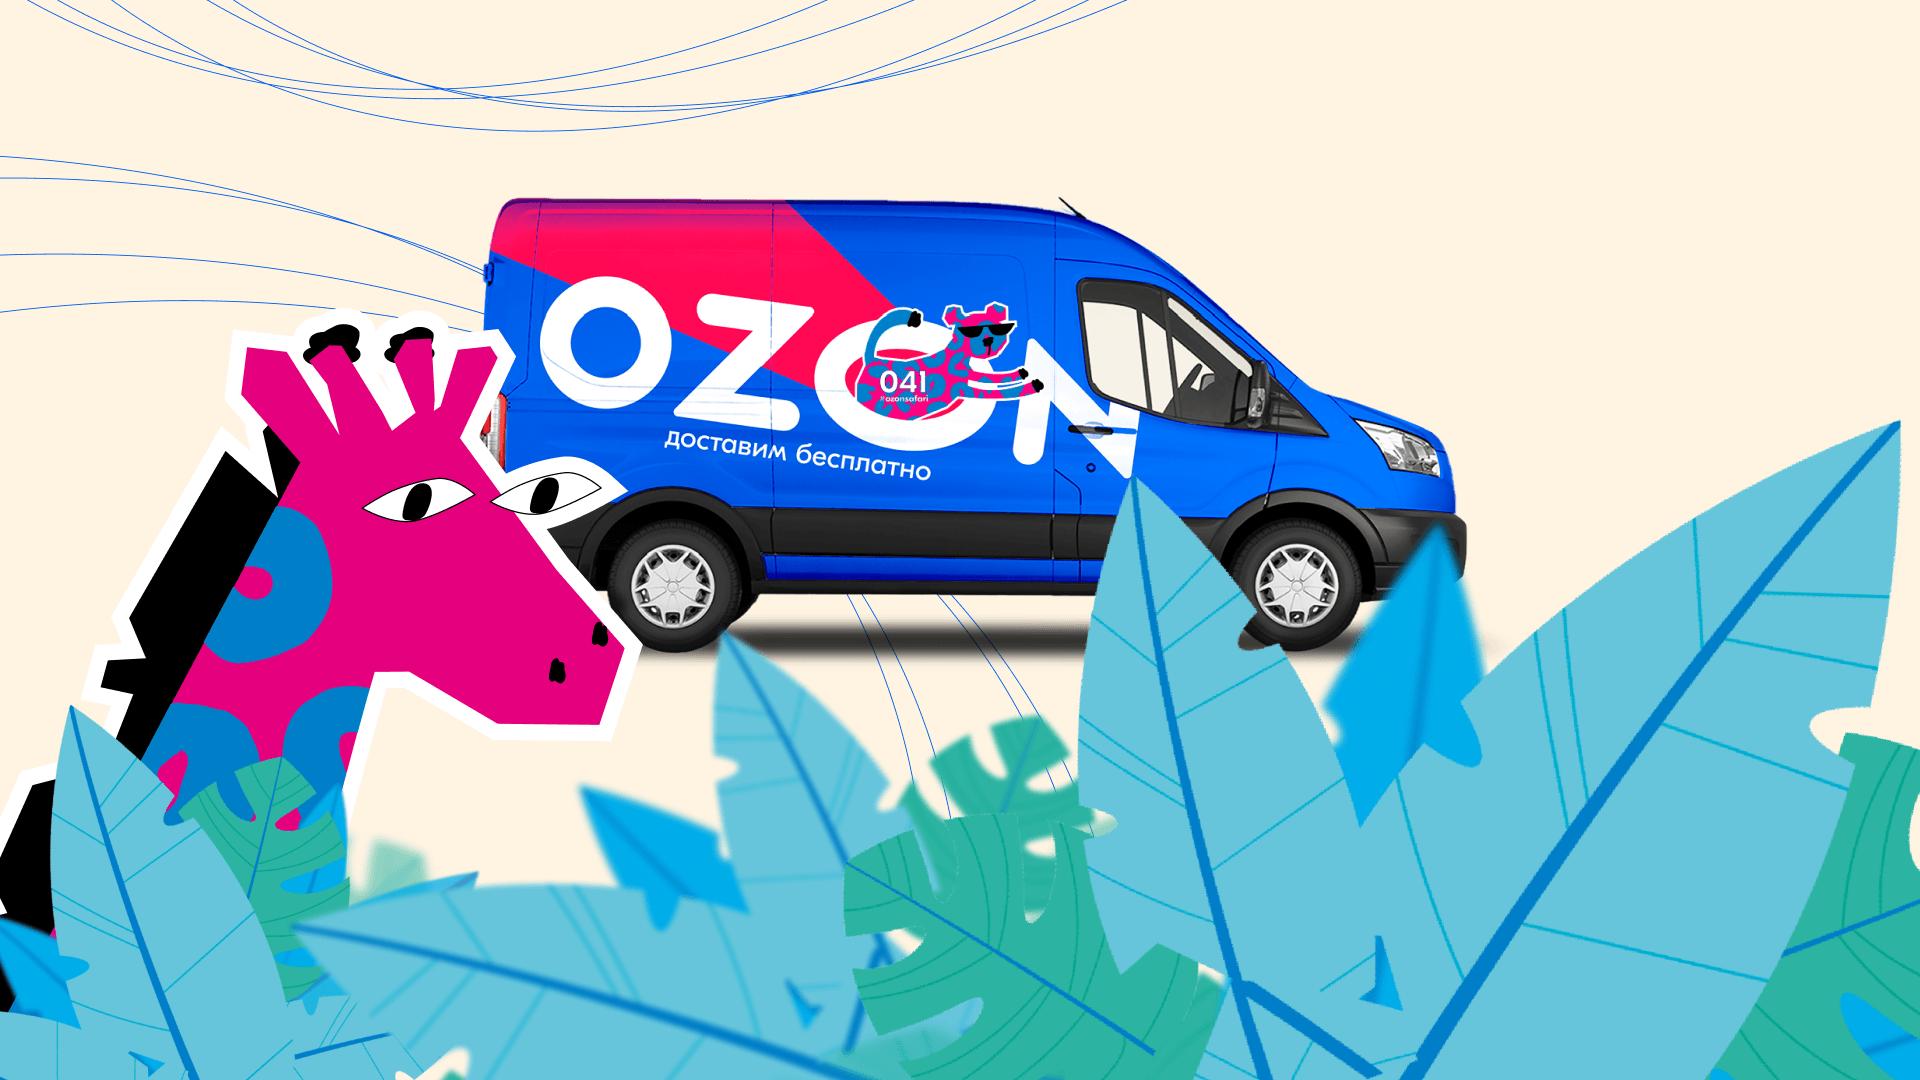 Ozon проводит конкурс — можно выиграть до 20 тысяч рублей на шопинг